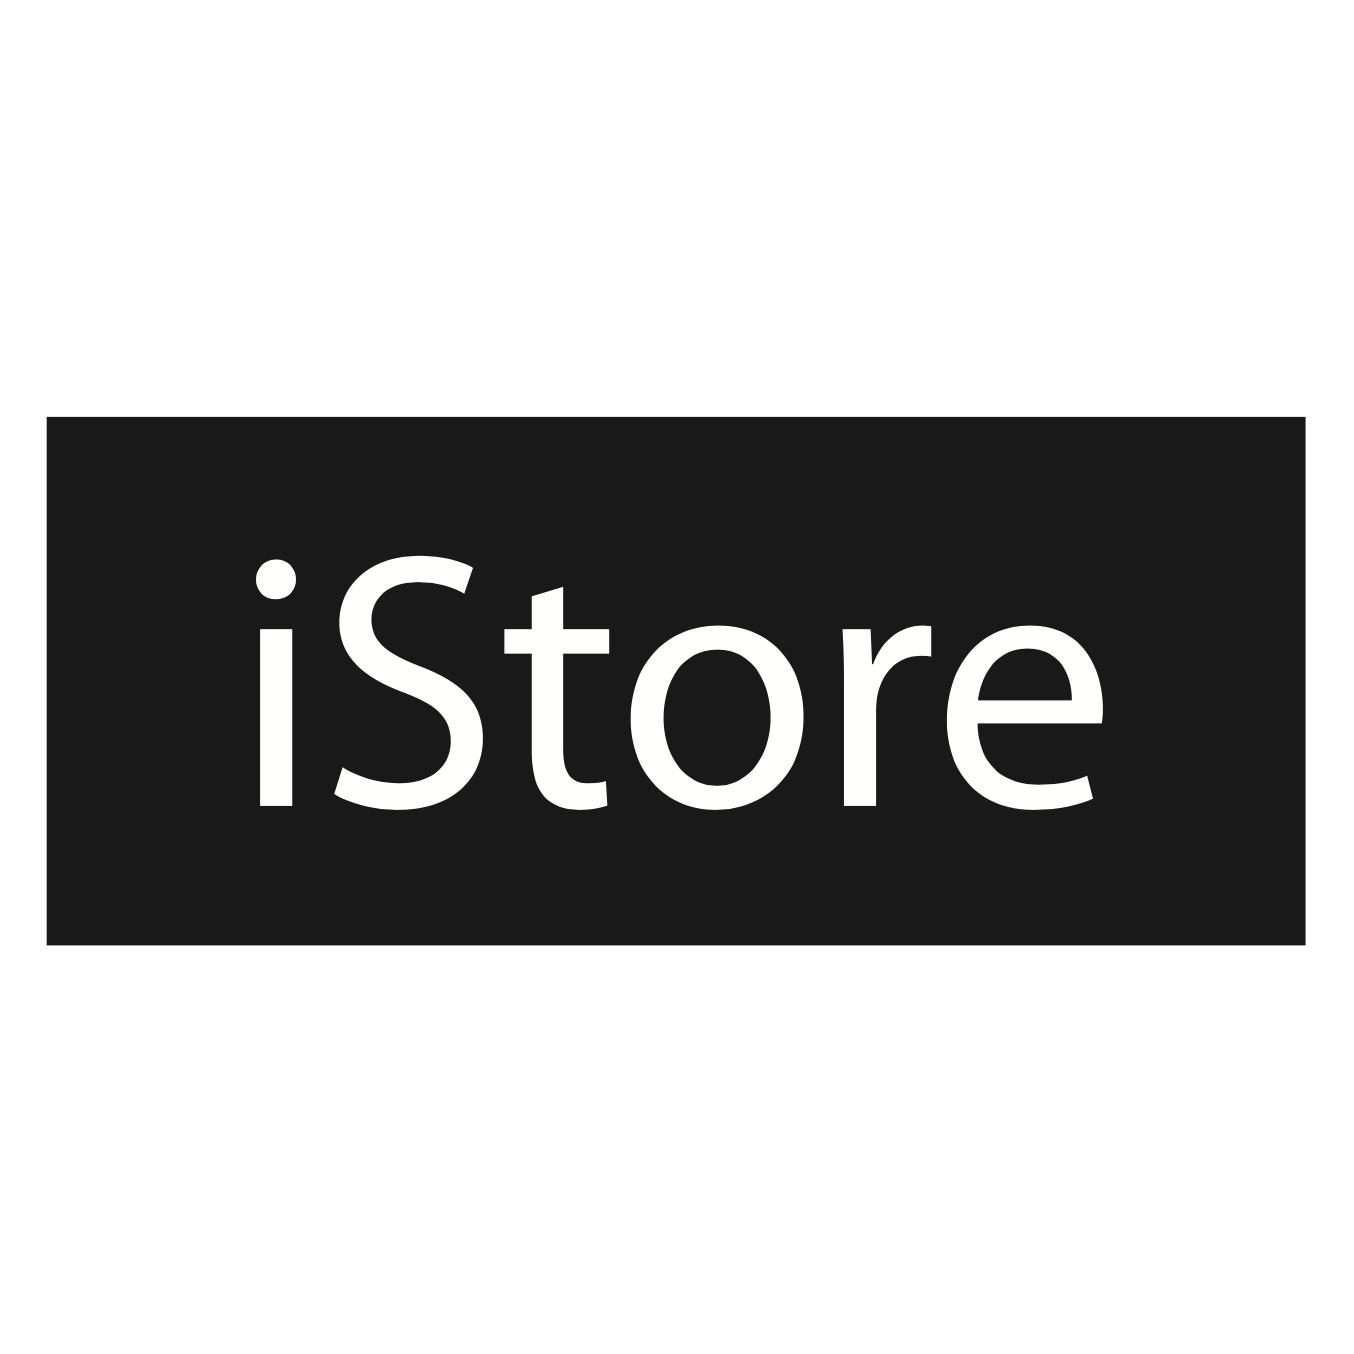 12-inch MacBook 1.1GHZ Core m3 256GB - Rose Gold